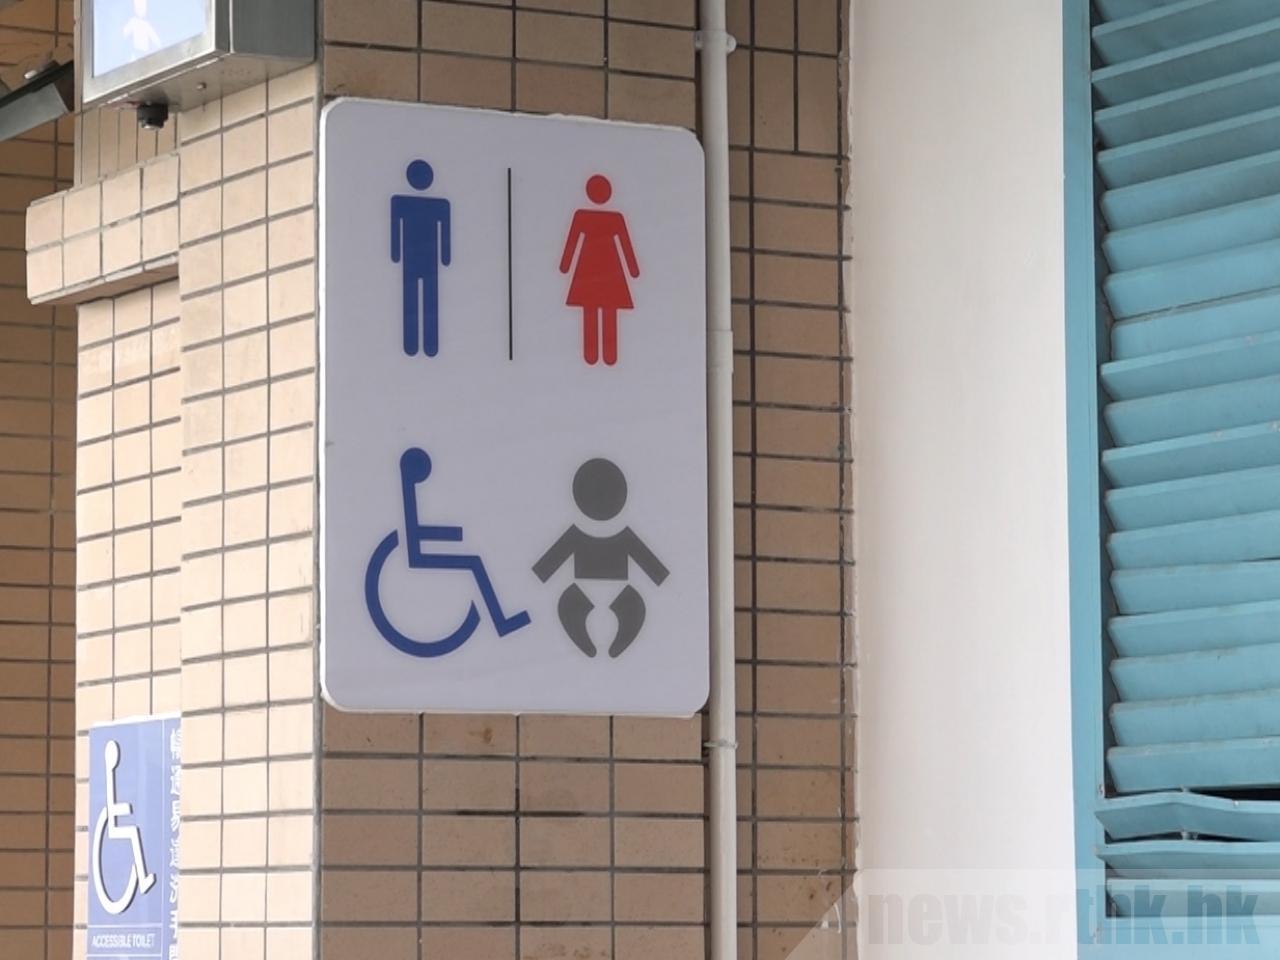 逾半公廁男女廁格比例不符指引審計報告促食環署檢討